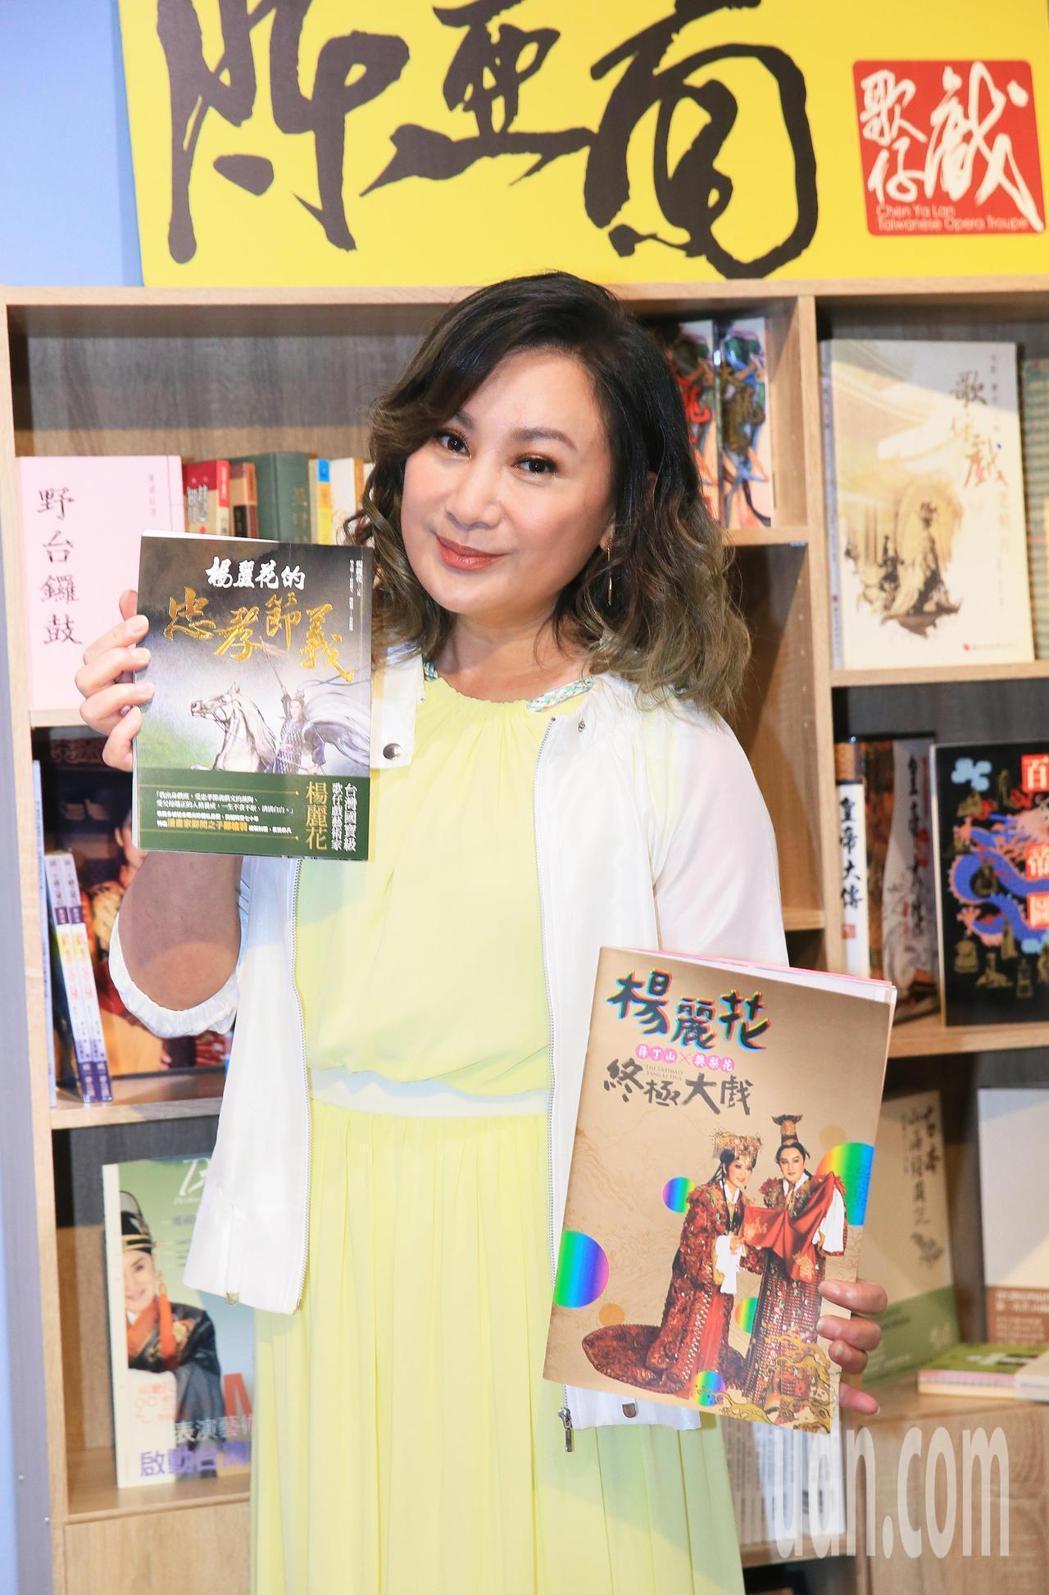 陳亞蘭在龍山文創基地成立歌仔戲圖書館,推廣歌仔戲文化。記者潘俊宏/攝影